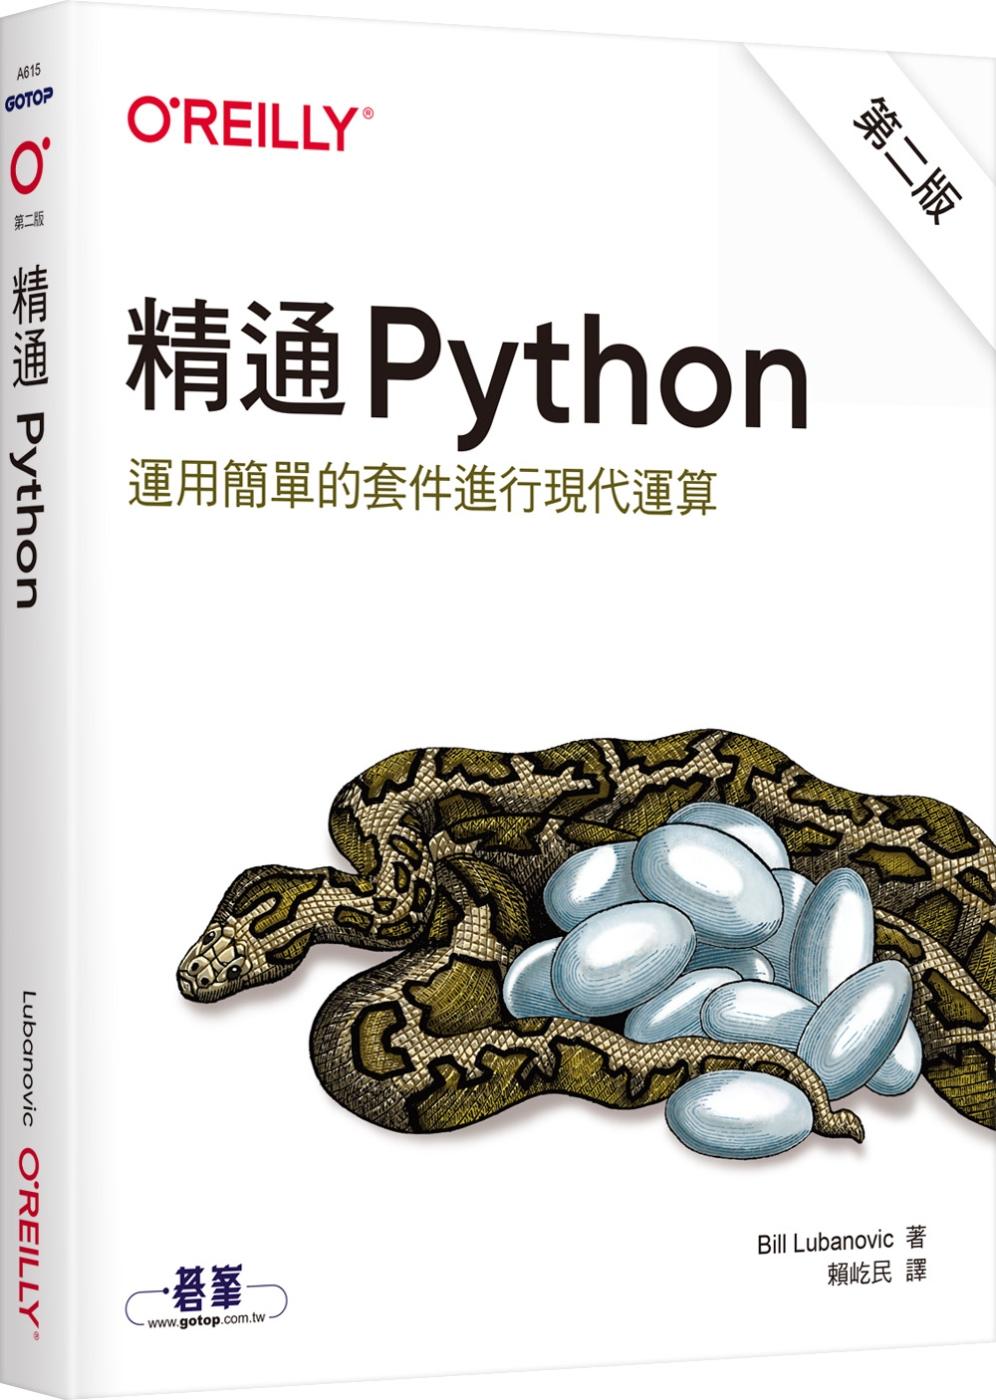 精通 Python:運用簡單的套件進行現代運算(第二版)